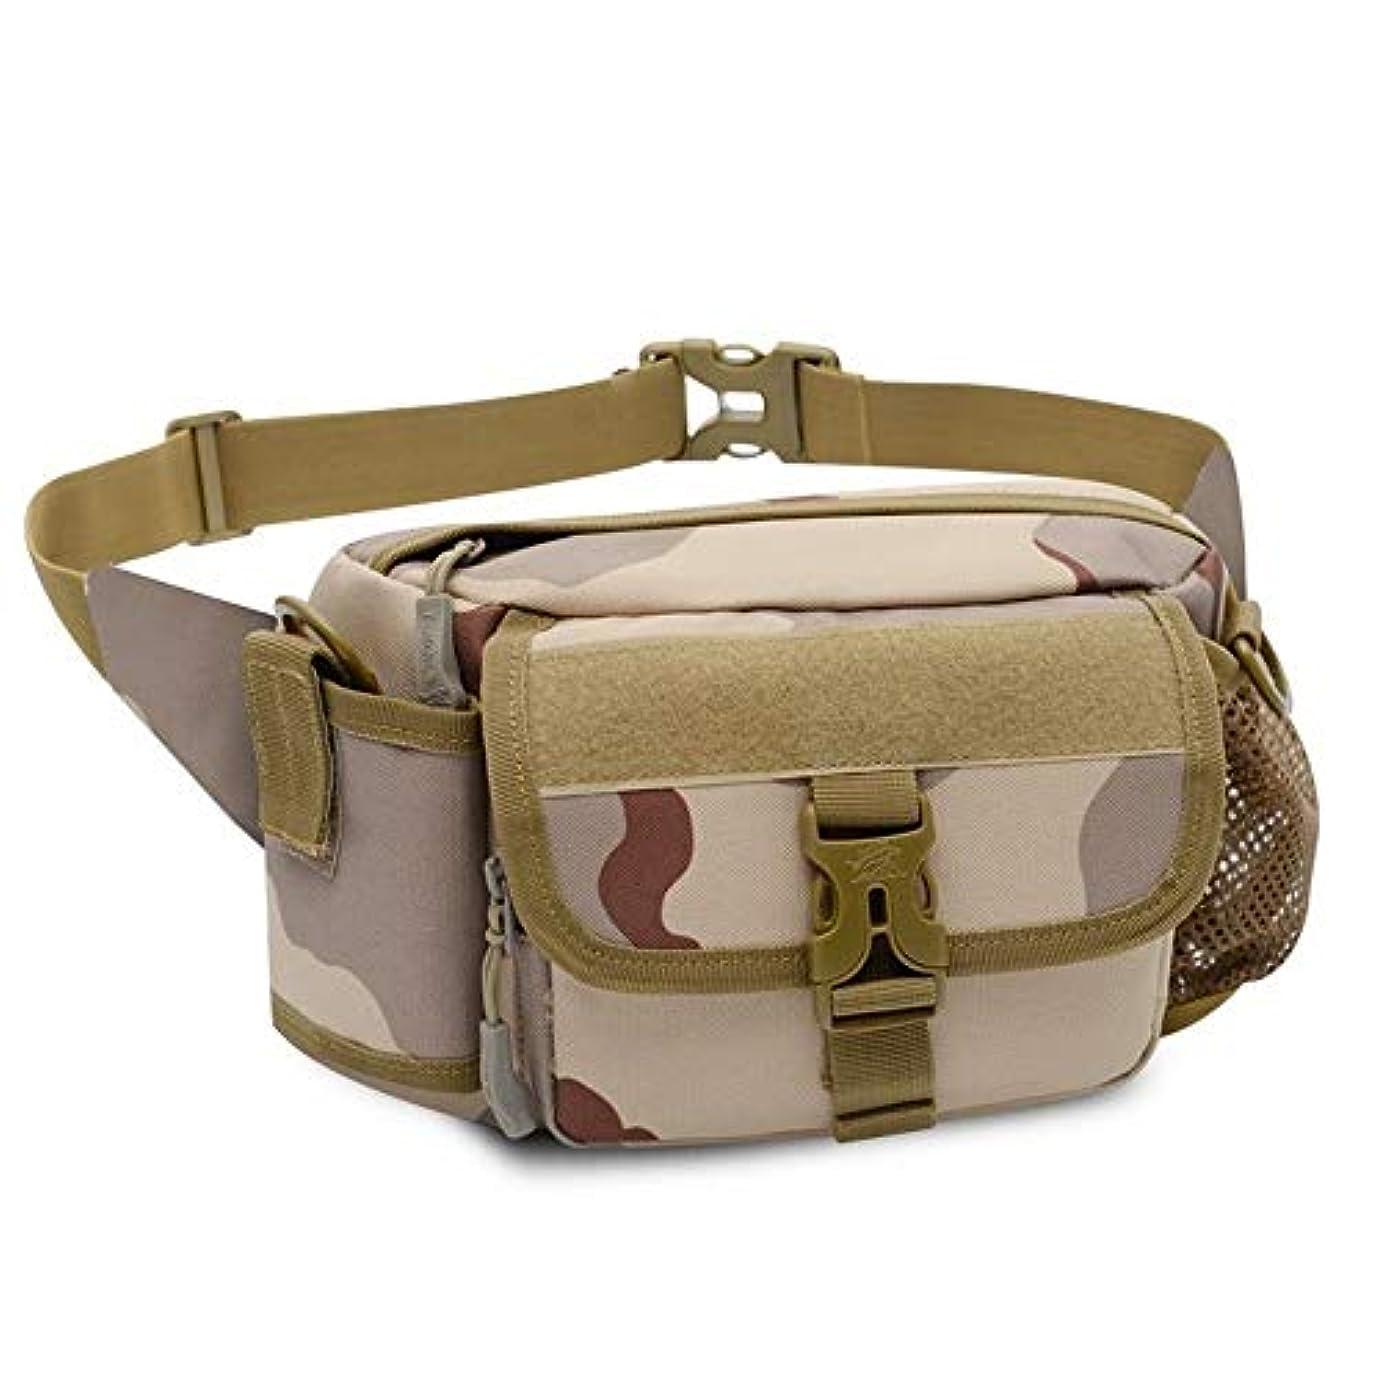 正統派インディカボンド釣りバッグ Finshingバッグ弾性 ウエストパック多機能アウトドアスポーツバッグ 釣り道具収納袋 (Color : Sansha camouflage, Size : S)